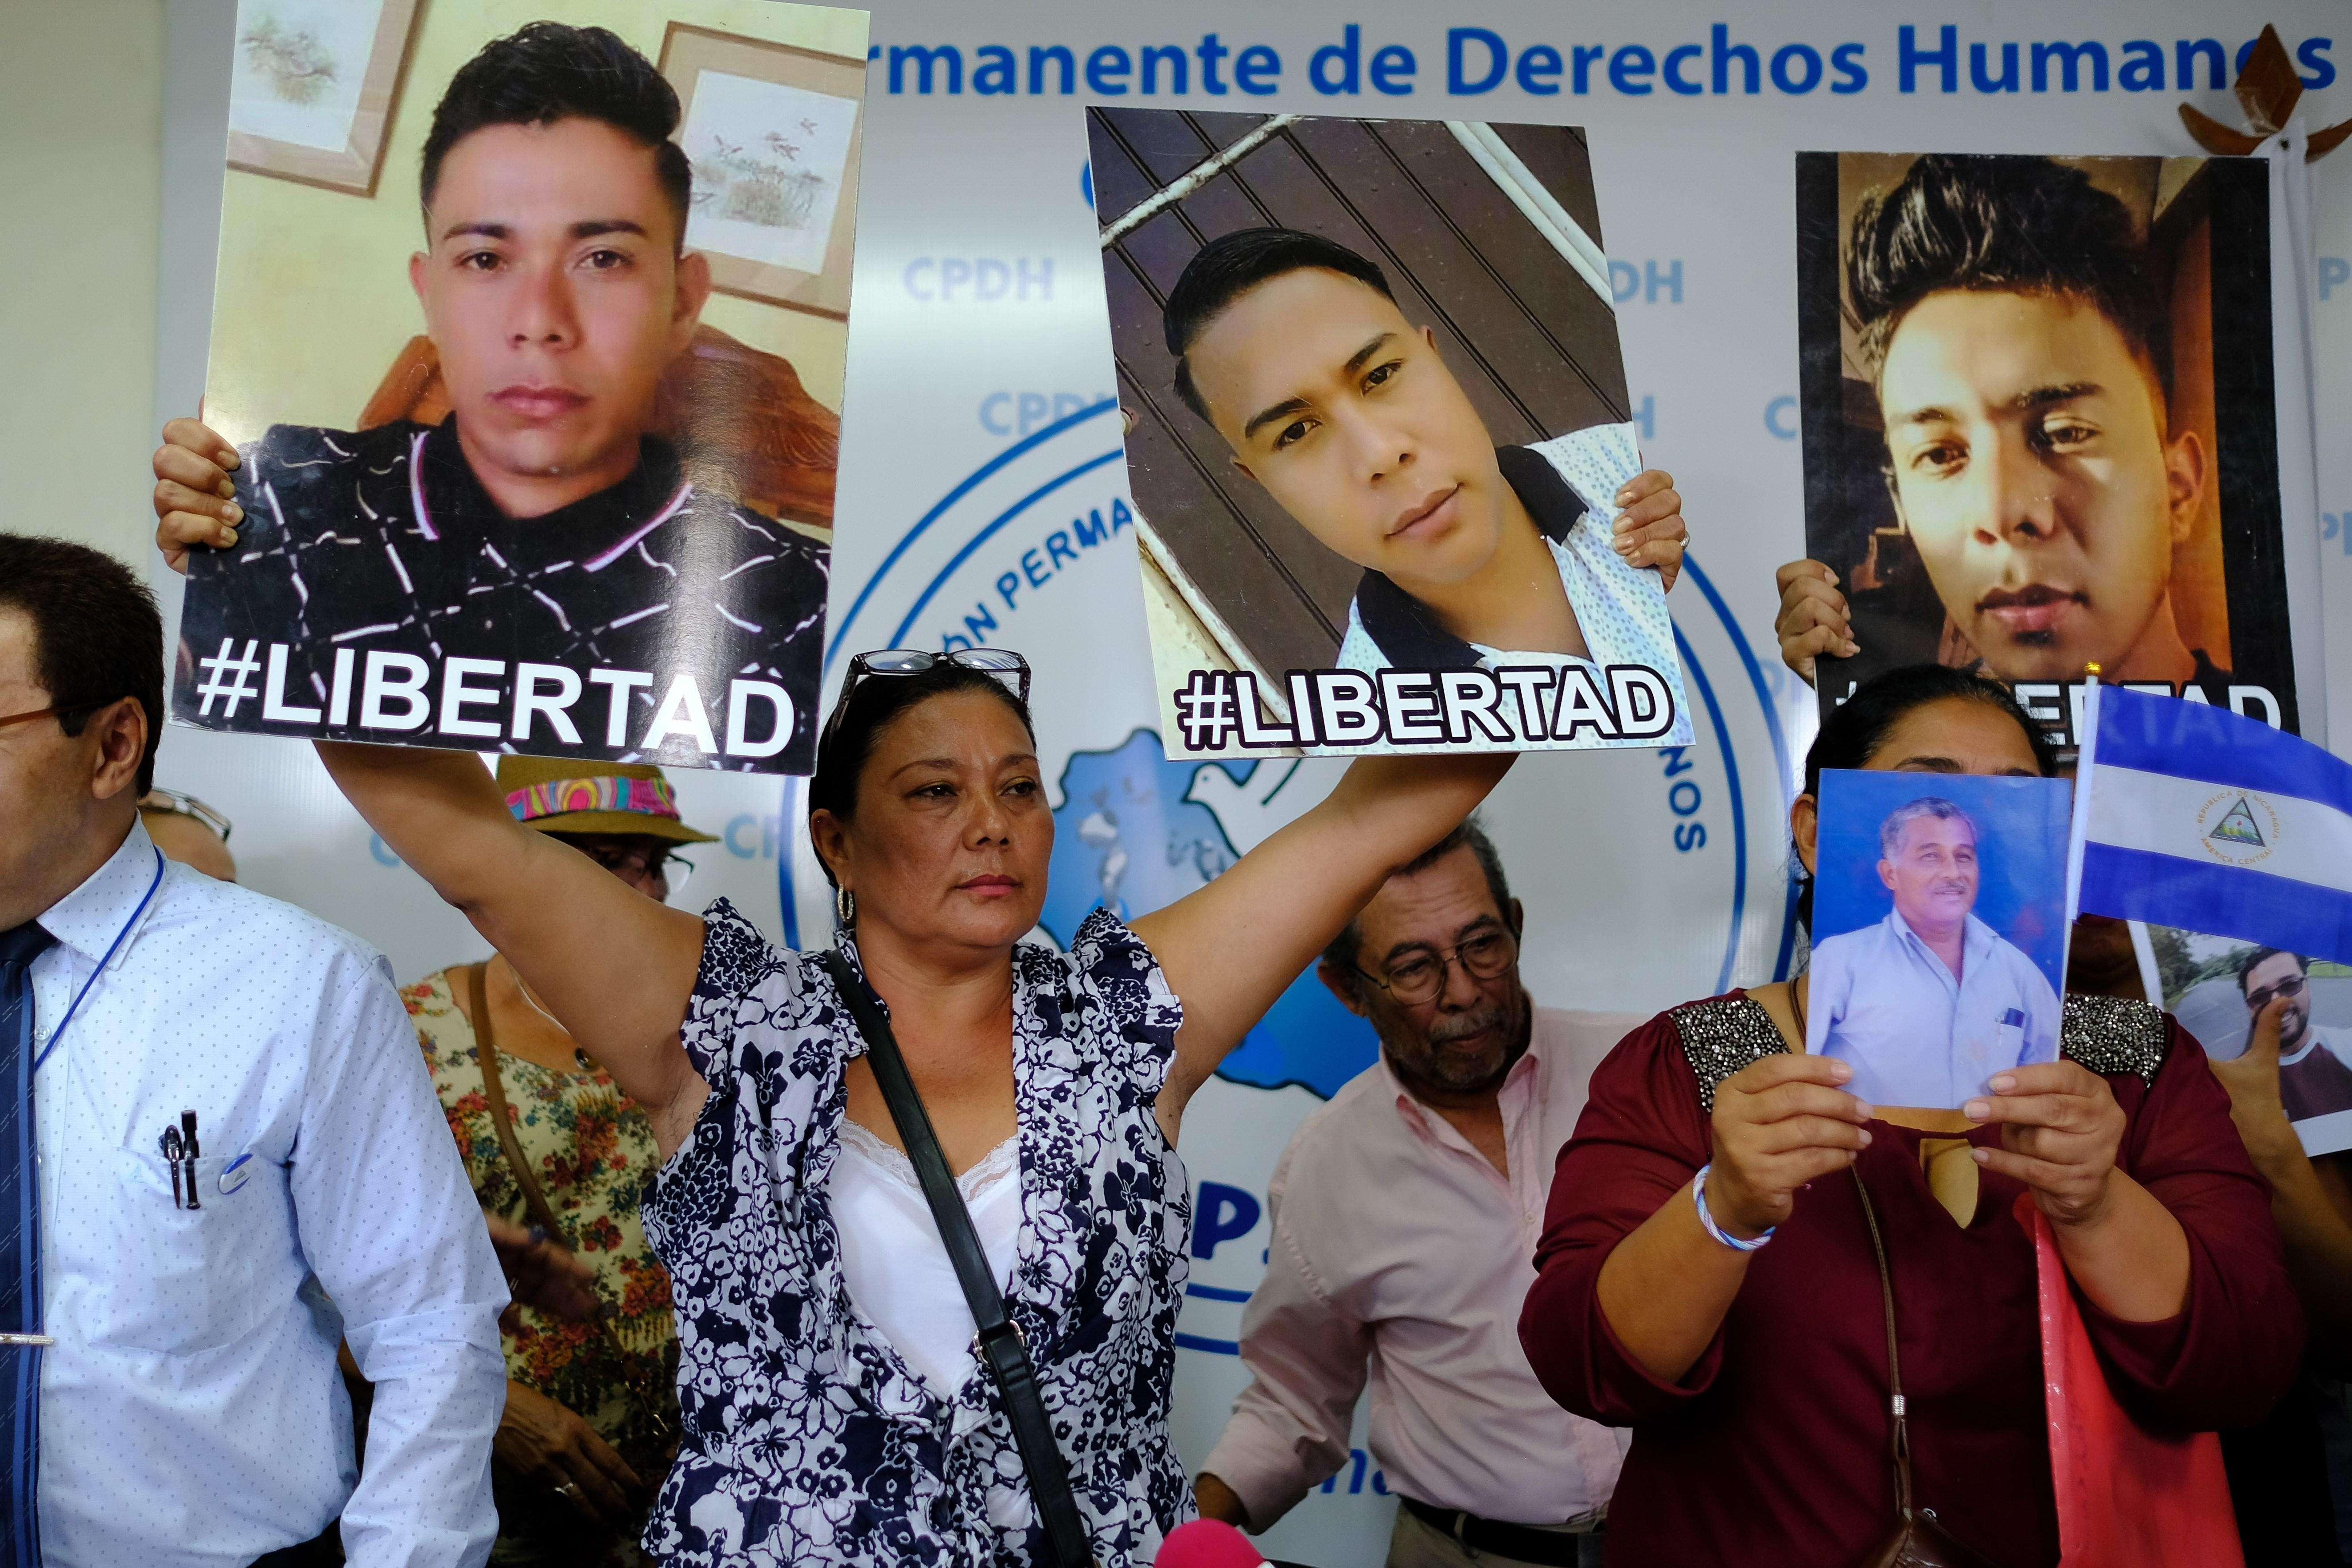 """El canciller nicaragüense, Denis Moncada, ha insistido en que el Gobierno dará libertad a los que califica como """"terroristas"""", """"golpistas"""" o """"delincuentes comunes""""."""